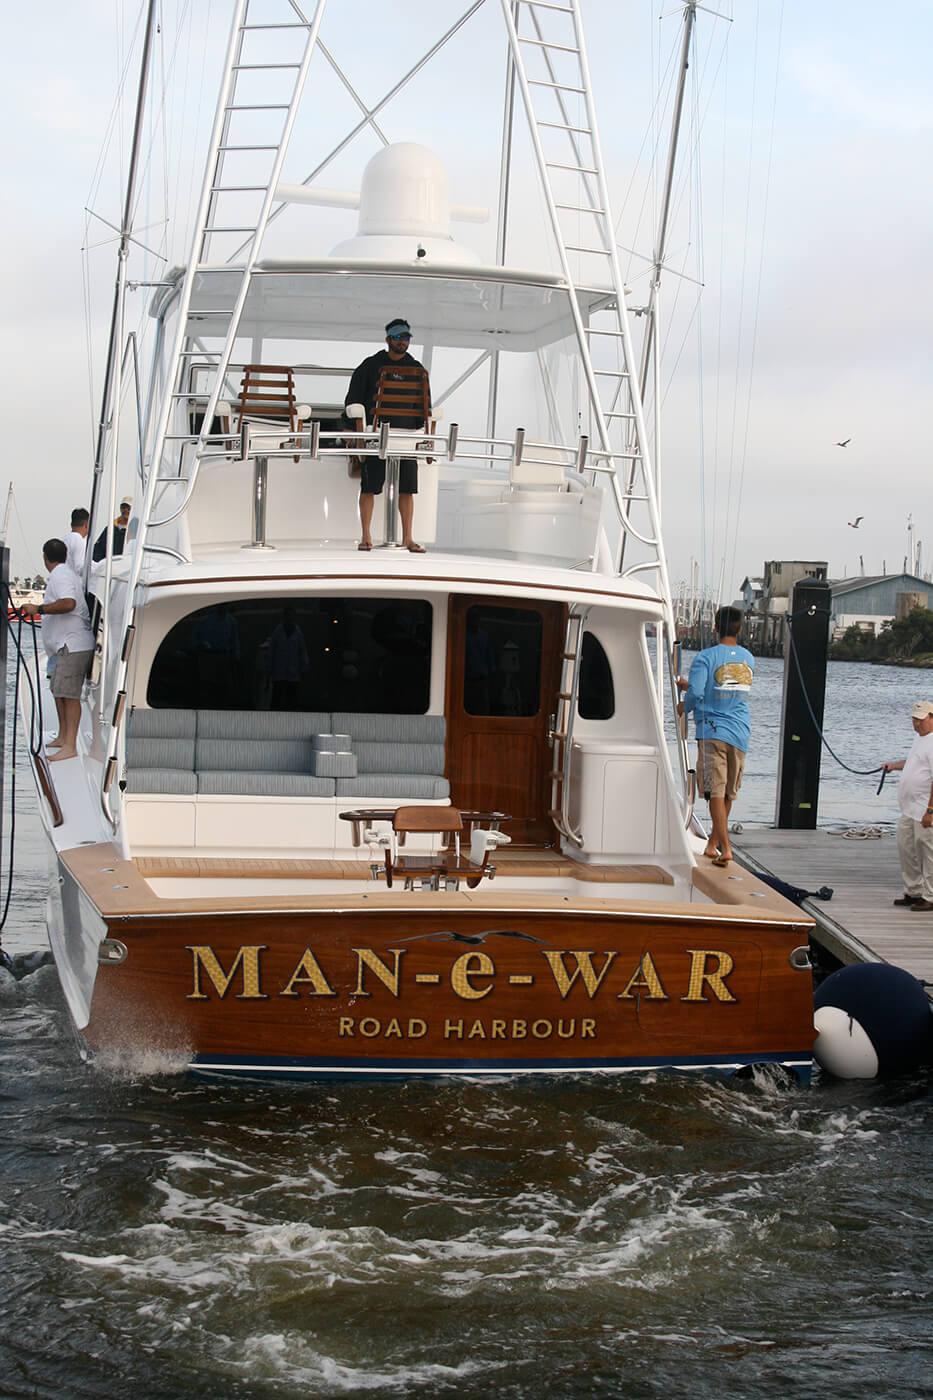 Man e War Road Harbour BVI Boat Transom vessel sportfishing backing up name gold leaf lettering